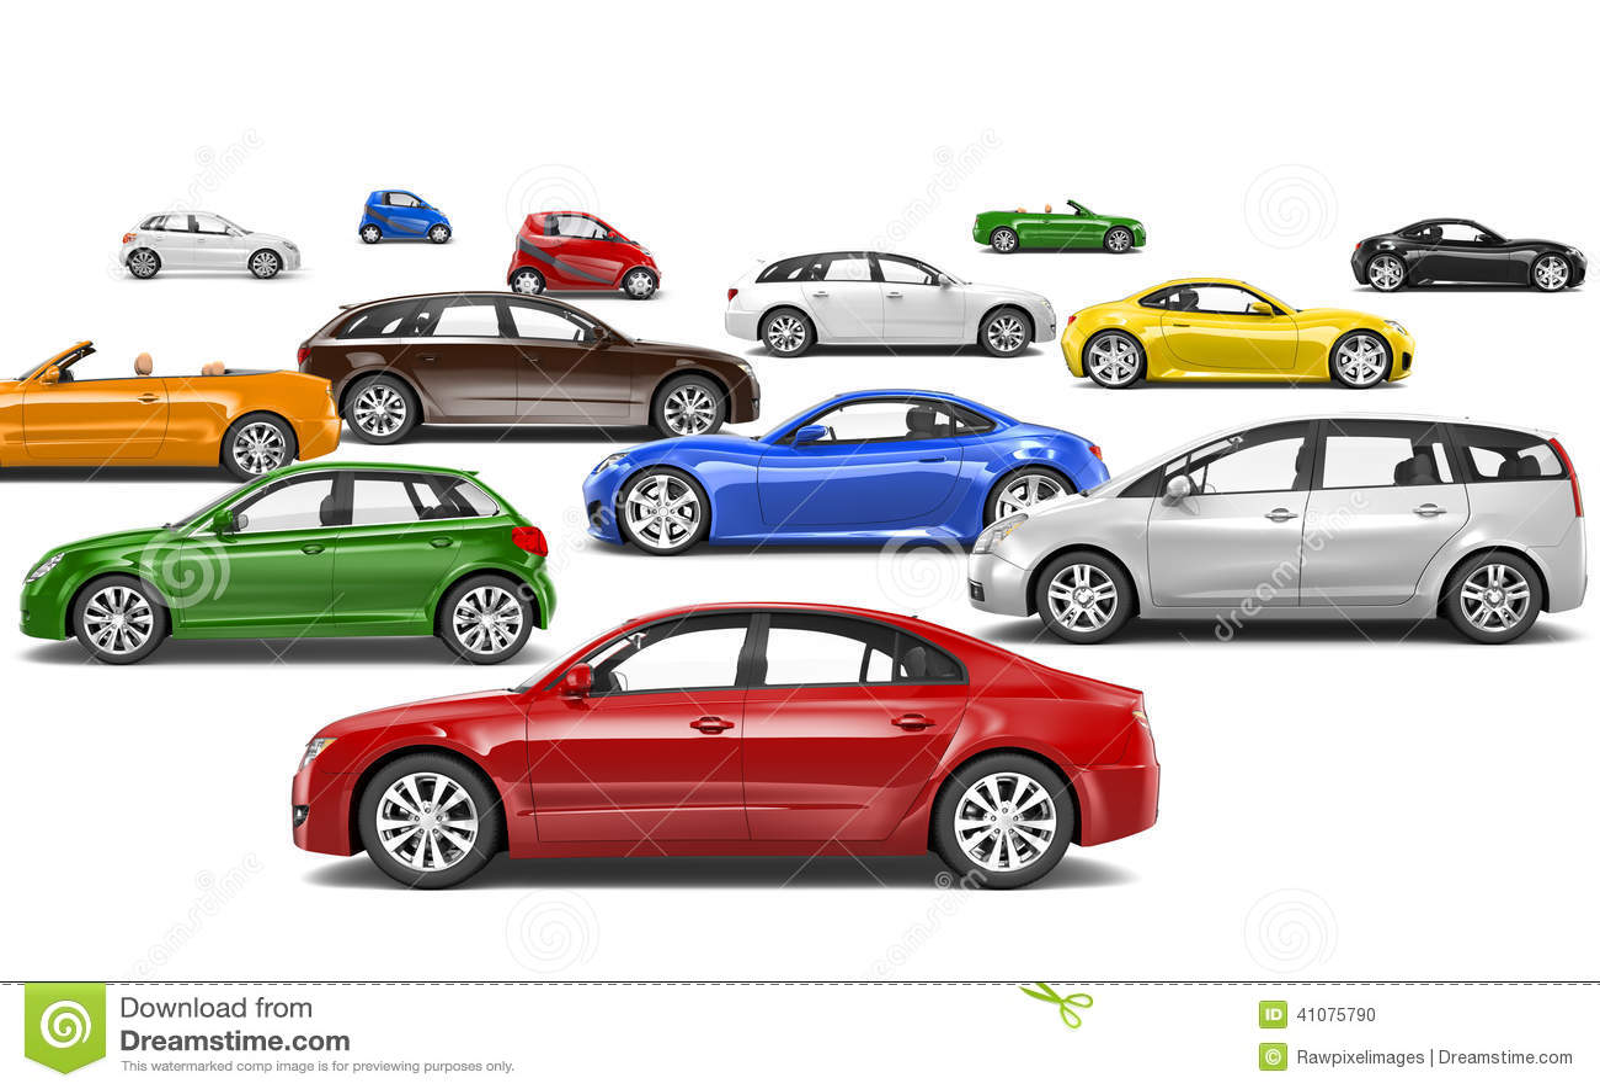 Πολύχρωμα τρισδιάστατα αυτοκίνητα που σταθμεύουν στις διαφορετικές κατευθύνσεις